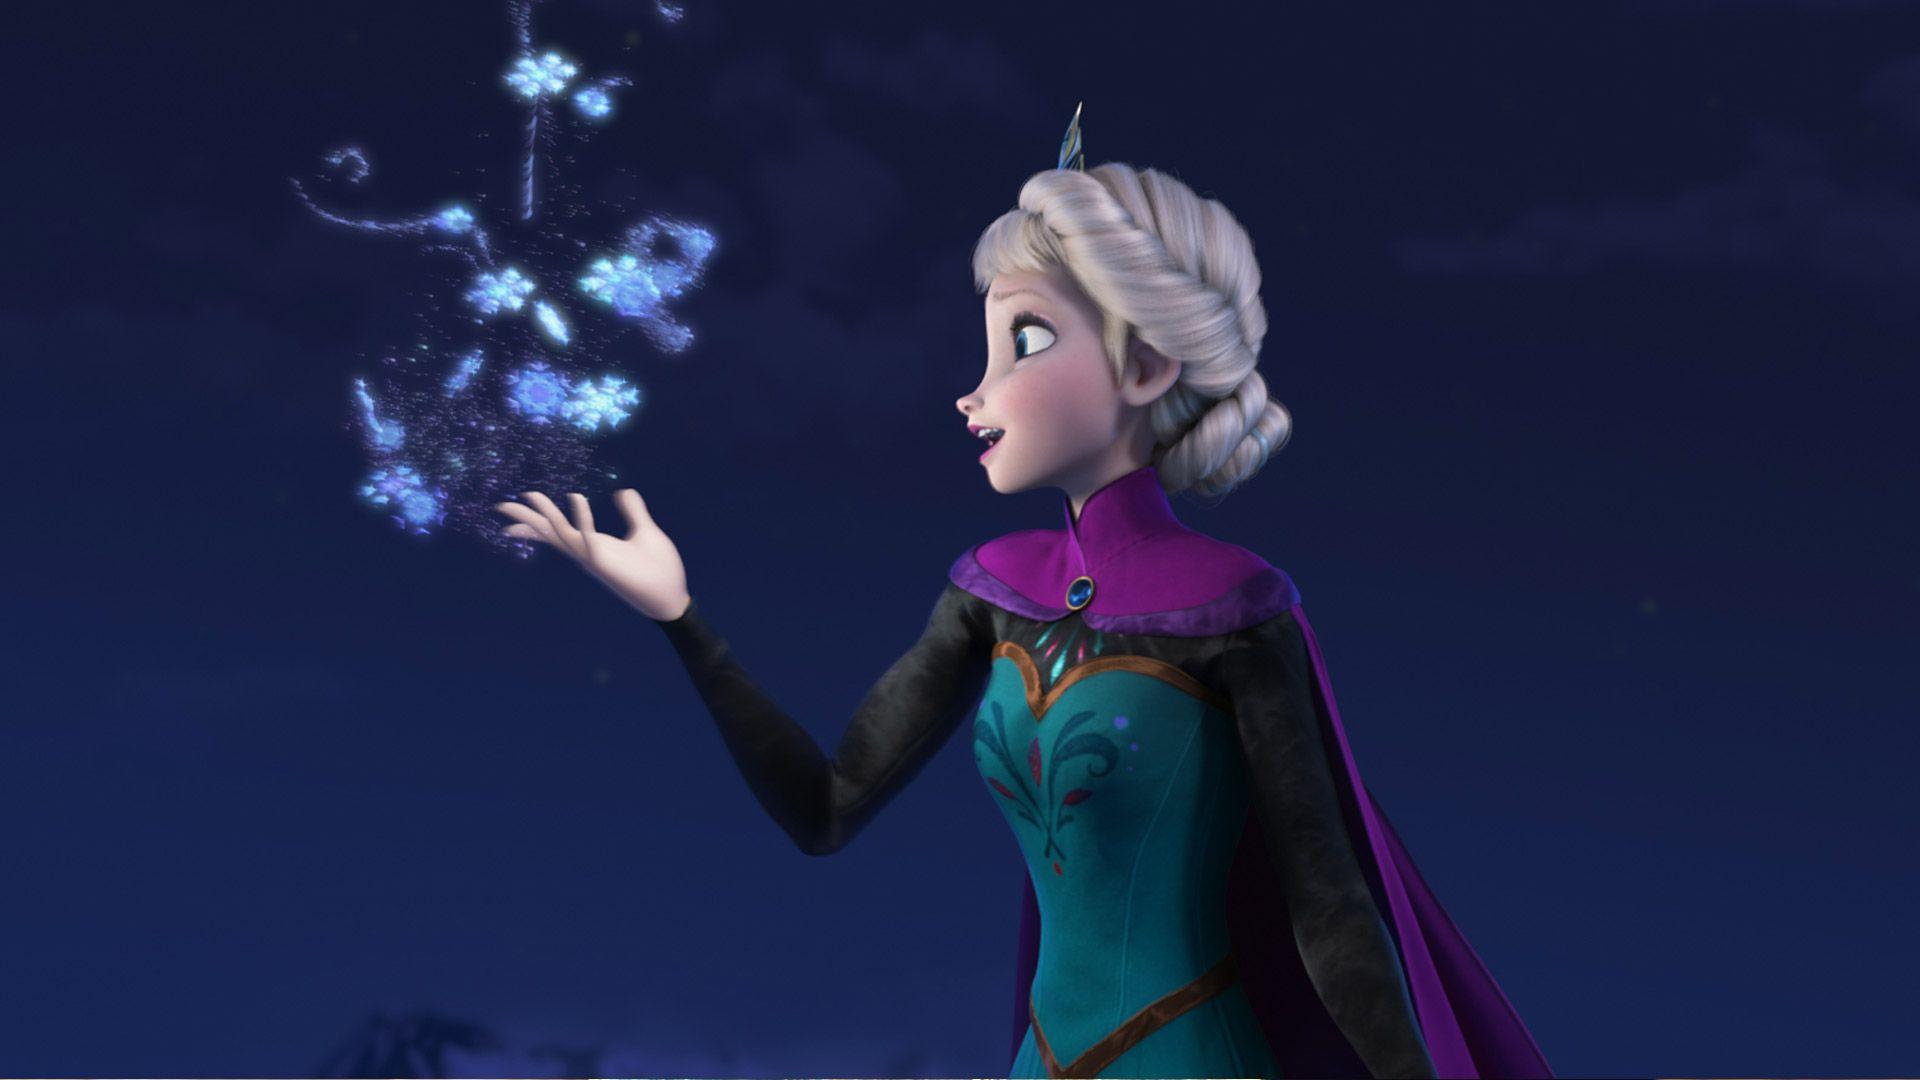 Disney Movie Frozen Character-Queen Elsa